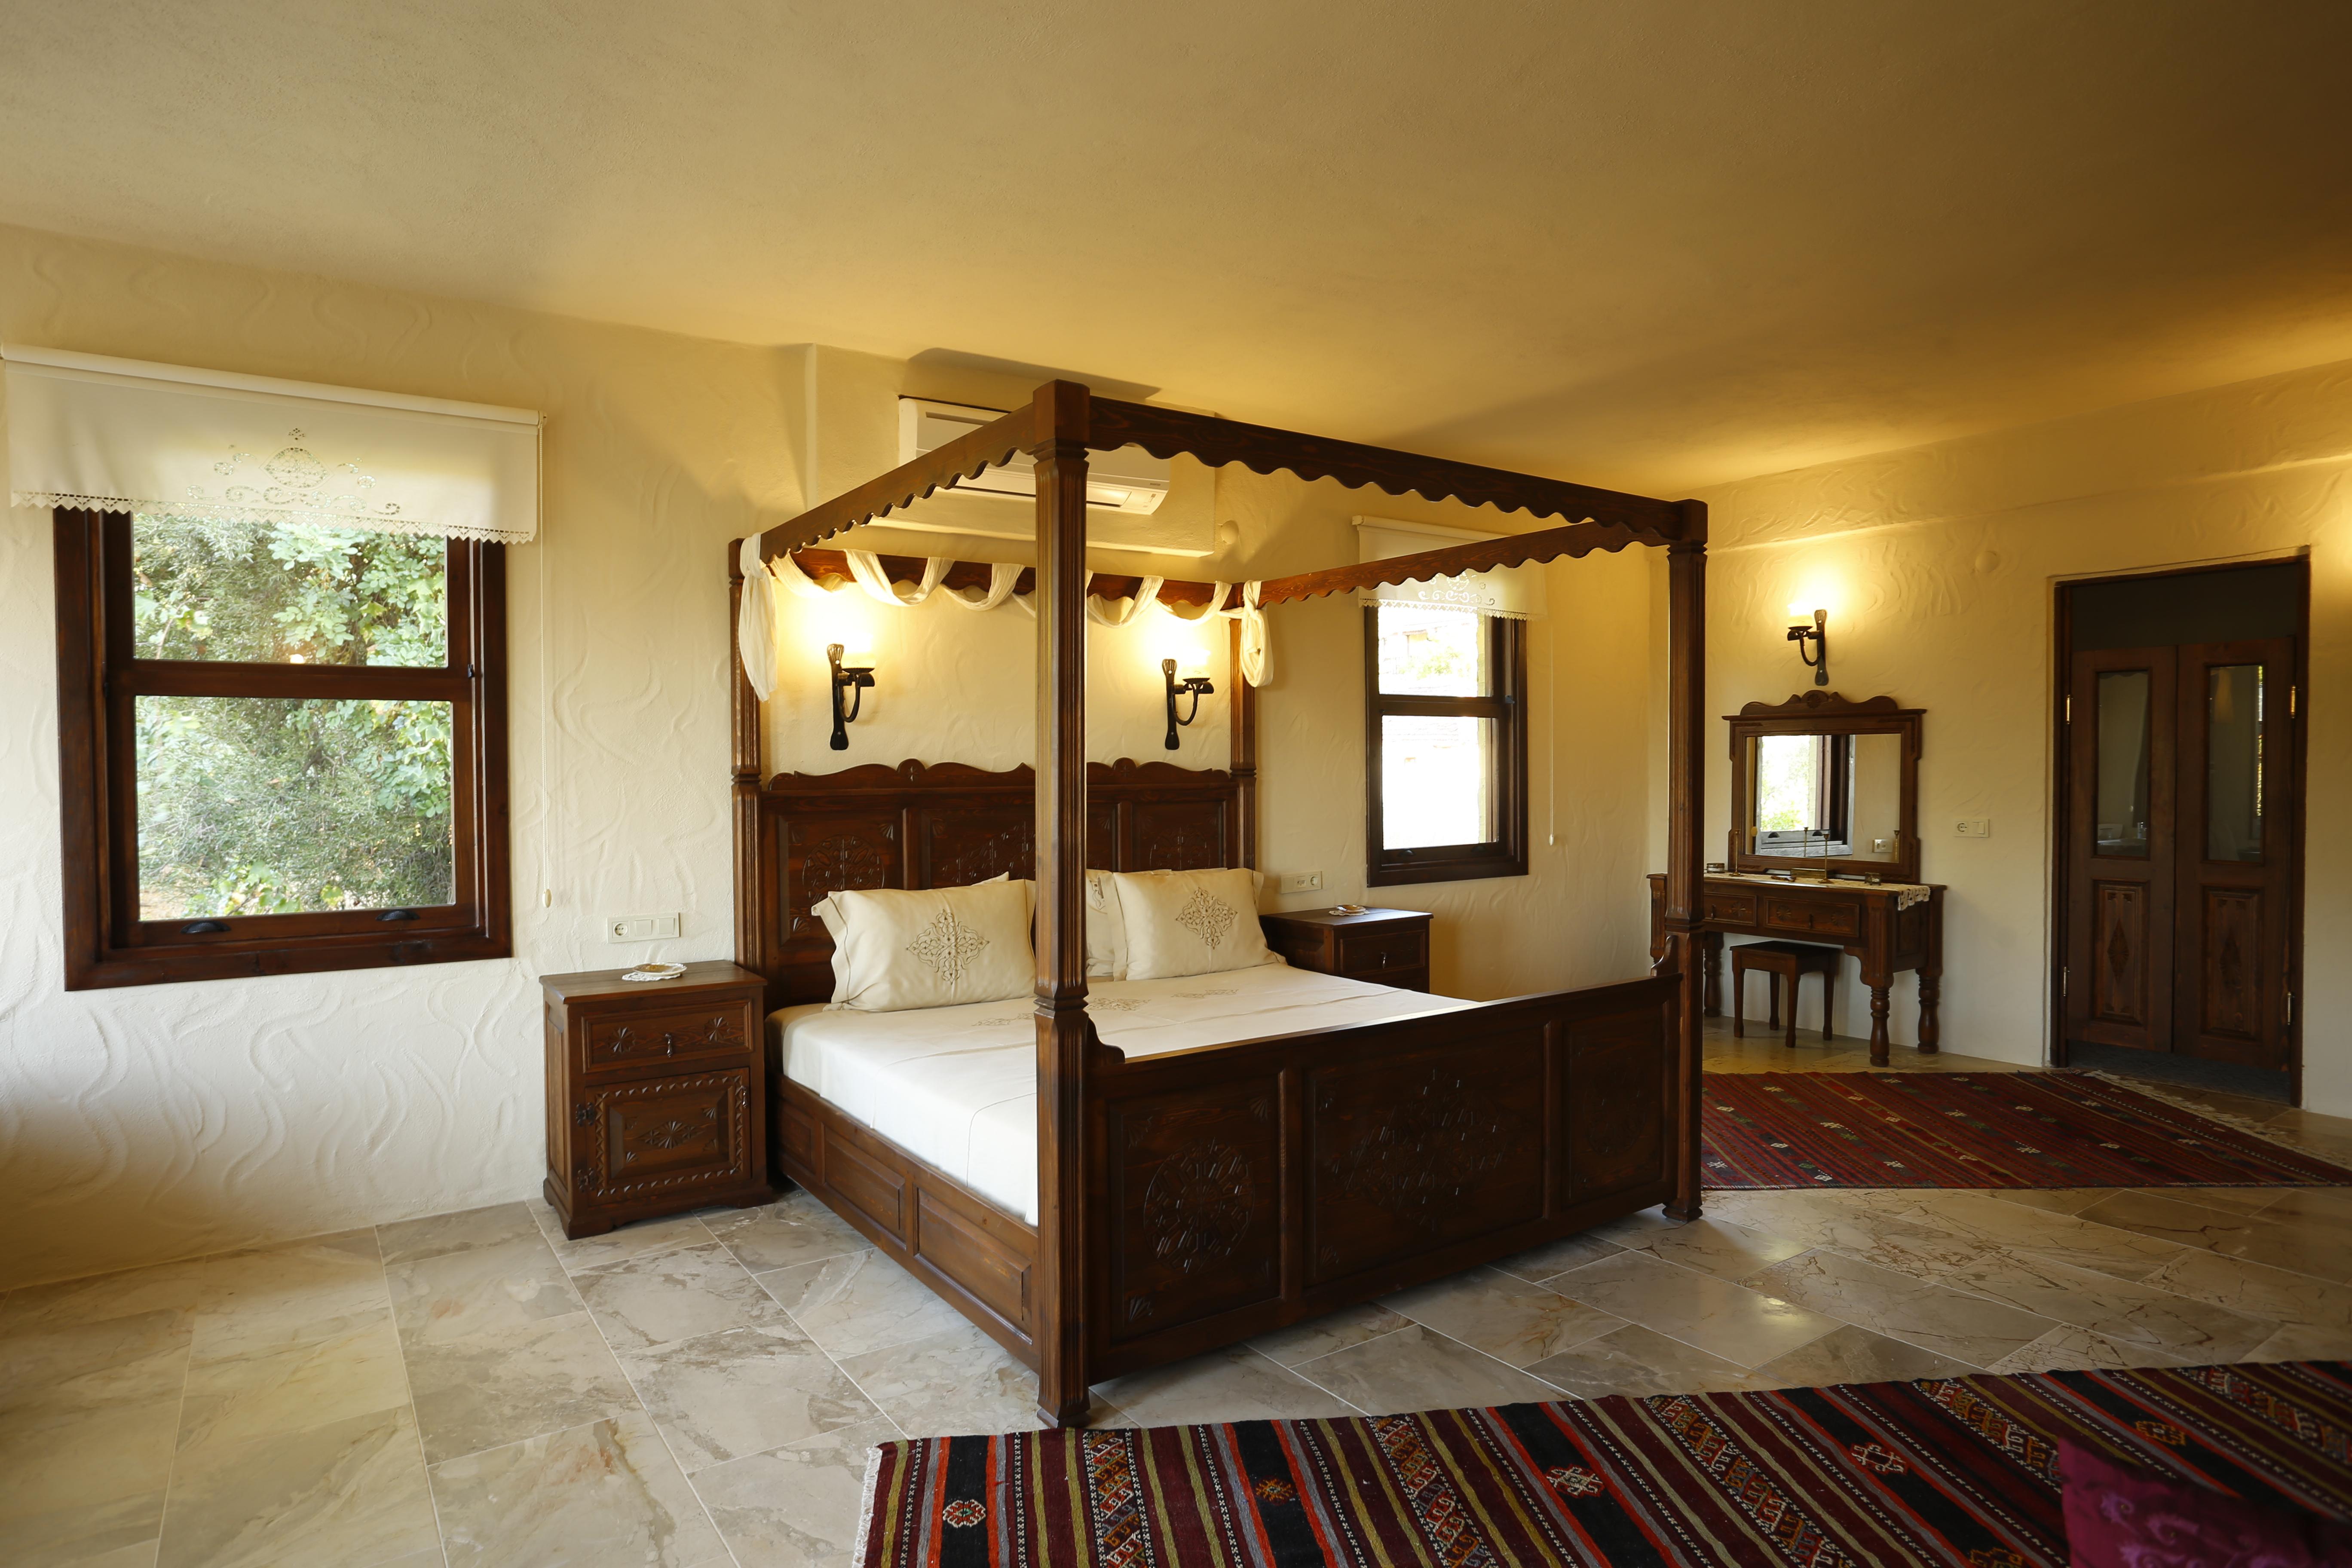 Ferienwohnung Luxurise Unterkunft und persnliches Ambiente in unzerstrter Natur (2742319), Fethiye, , Ägäisregion, Türkei, Bild 3